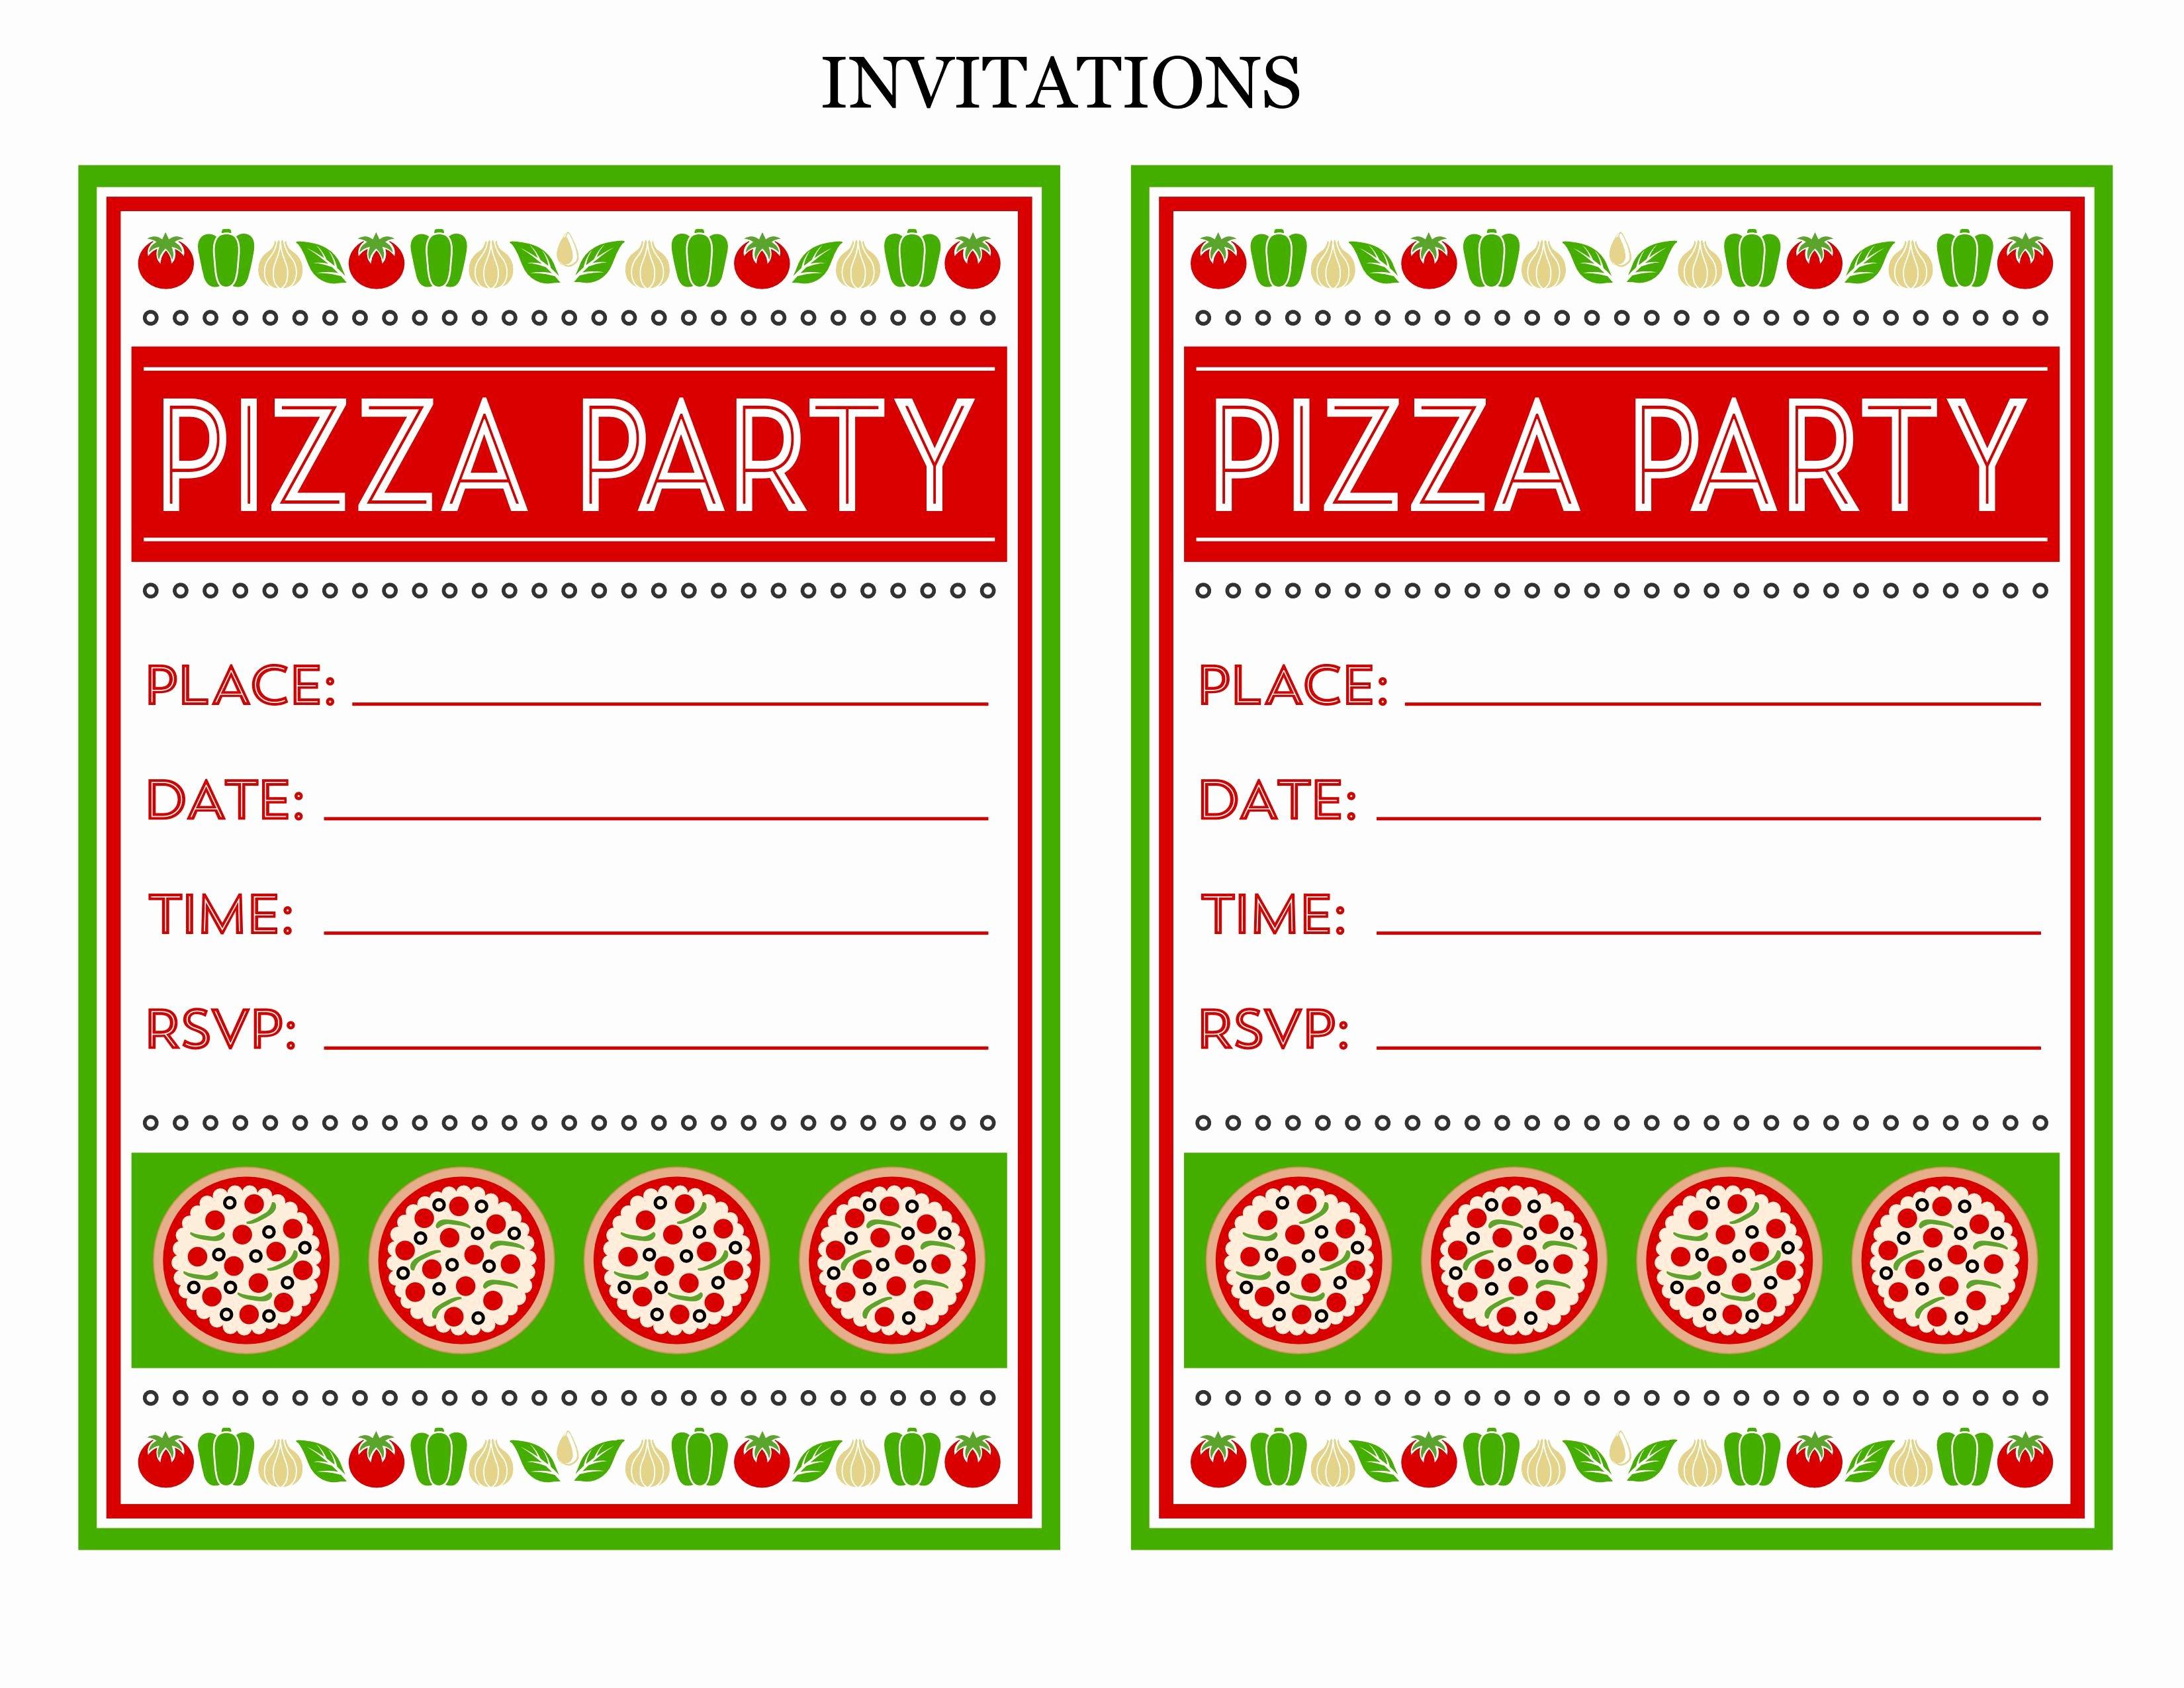 Pizza Party Invite Template Fresh Free Pizza Party Invitation Template Recent Pizza Party